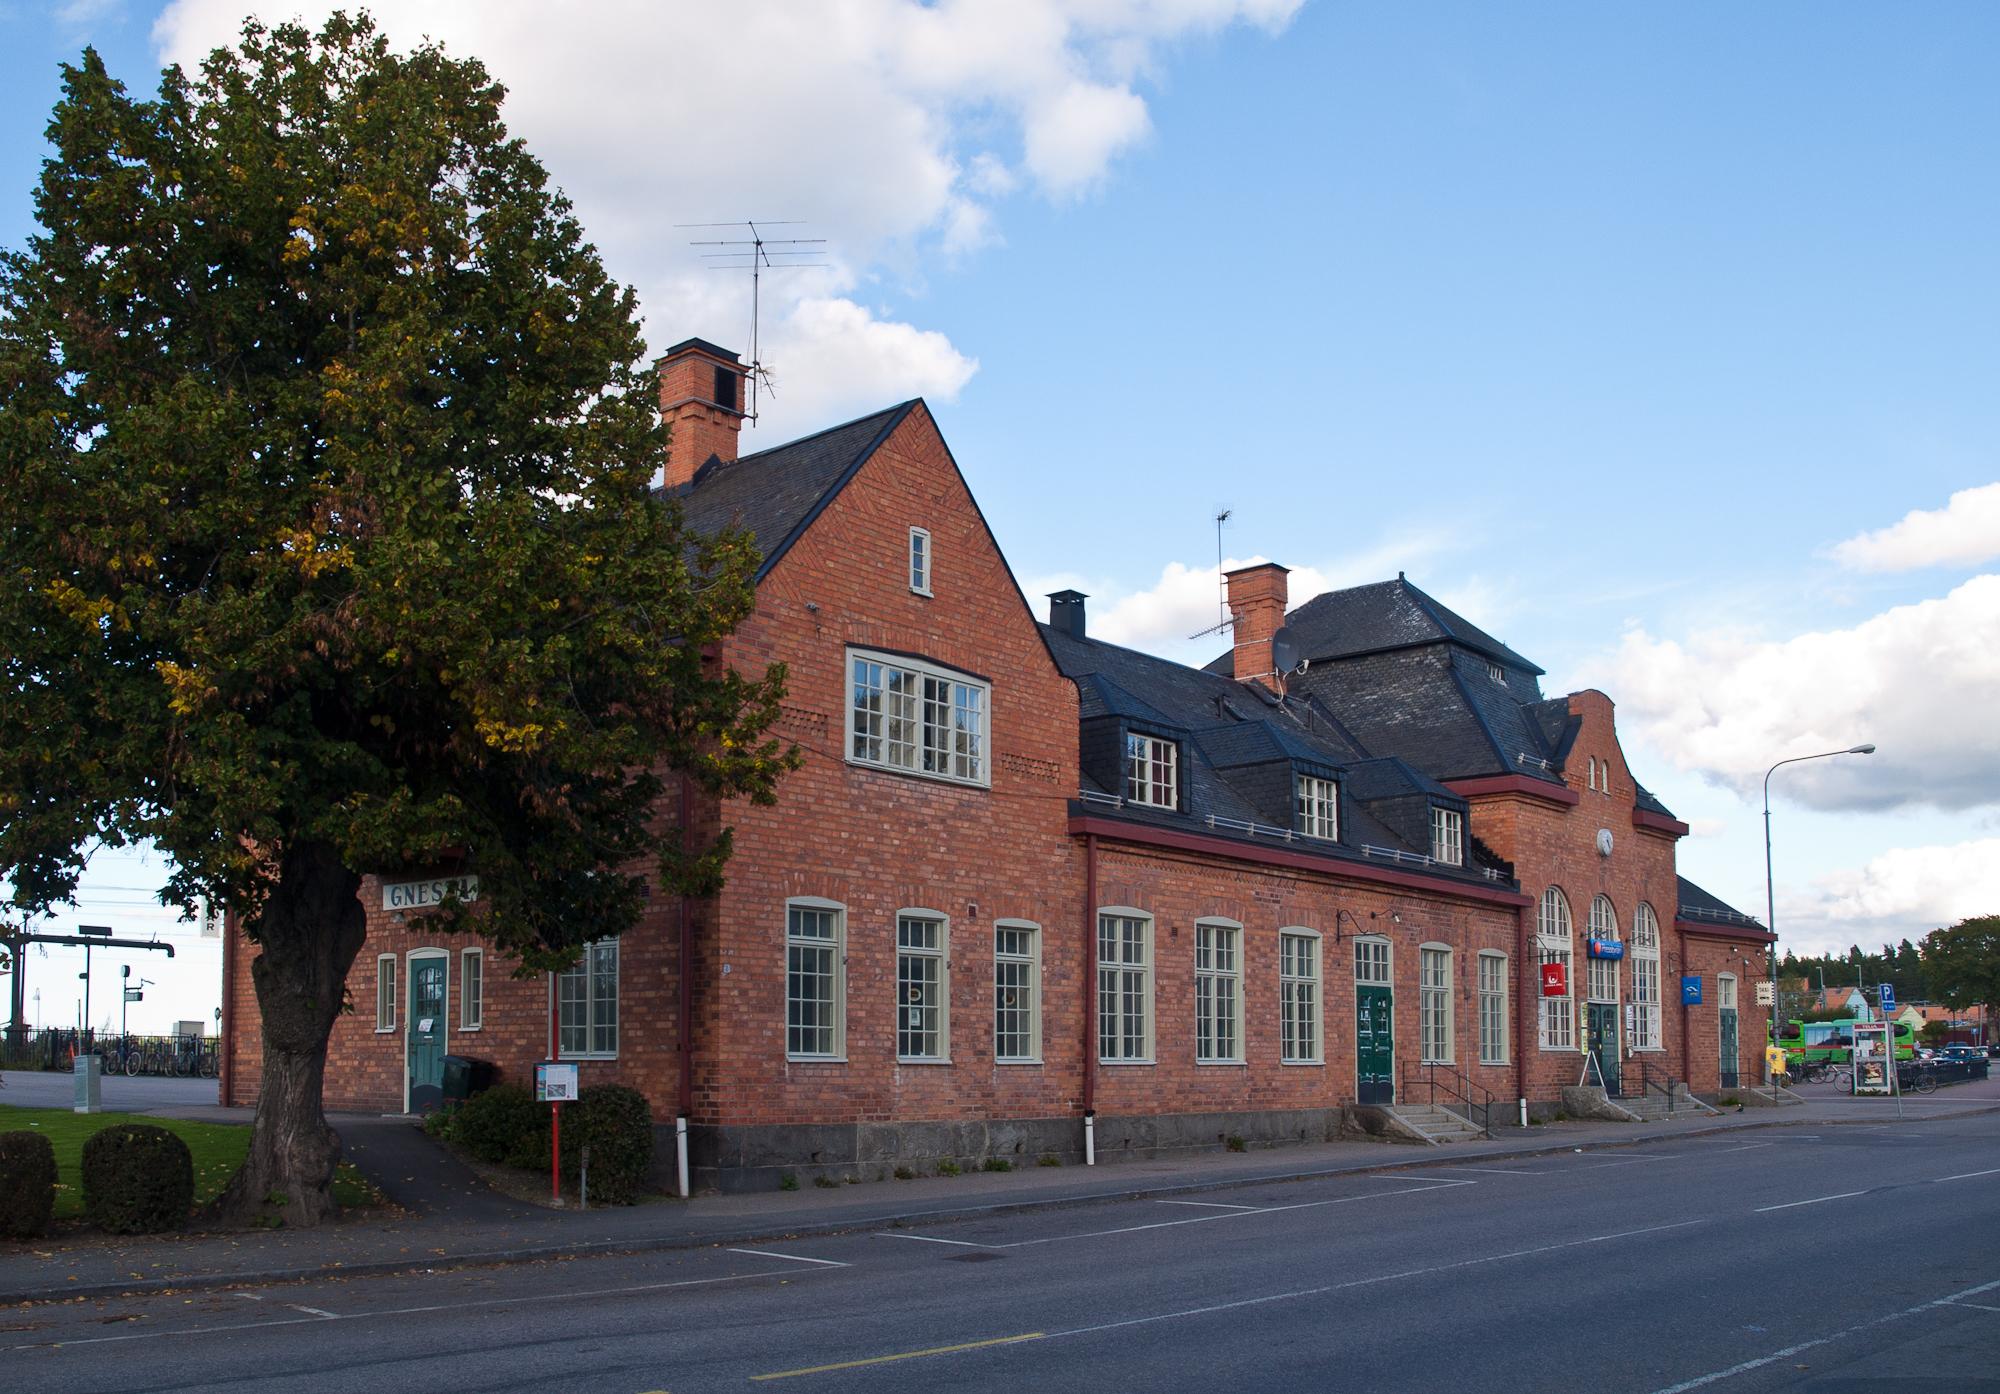 Gnesta tågstation, röd tegelbyggnad med asfaltsväg framför.